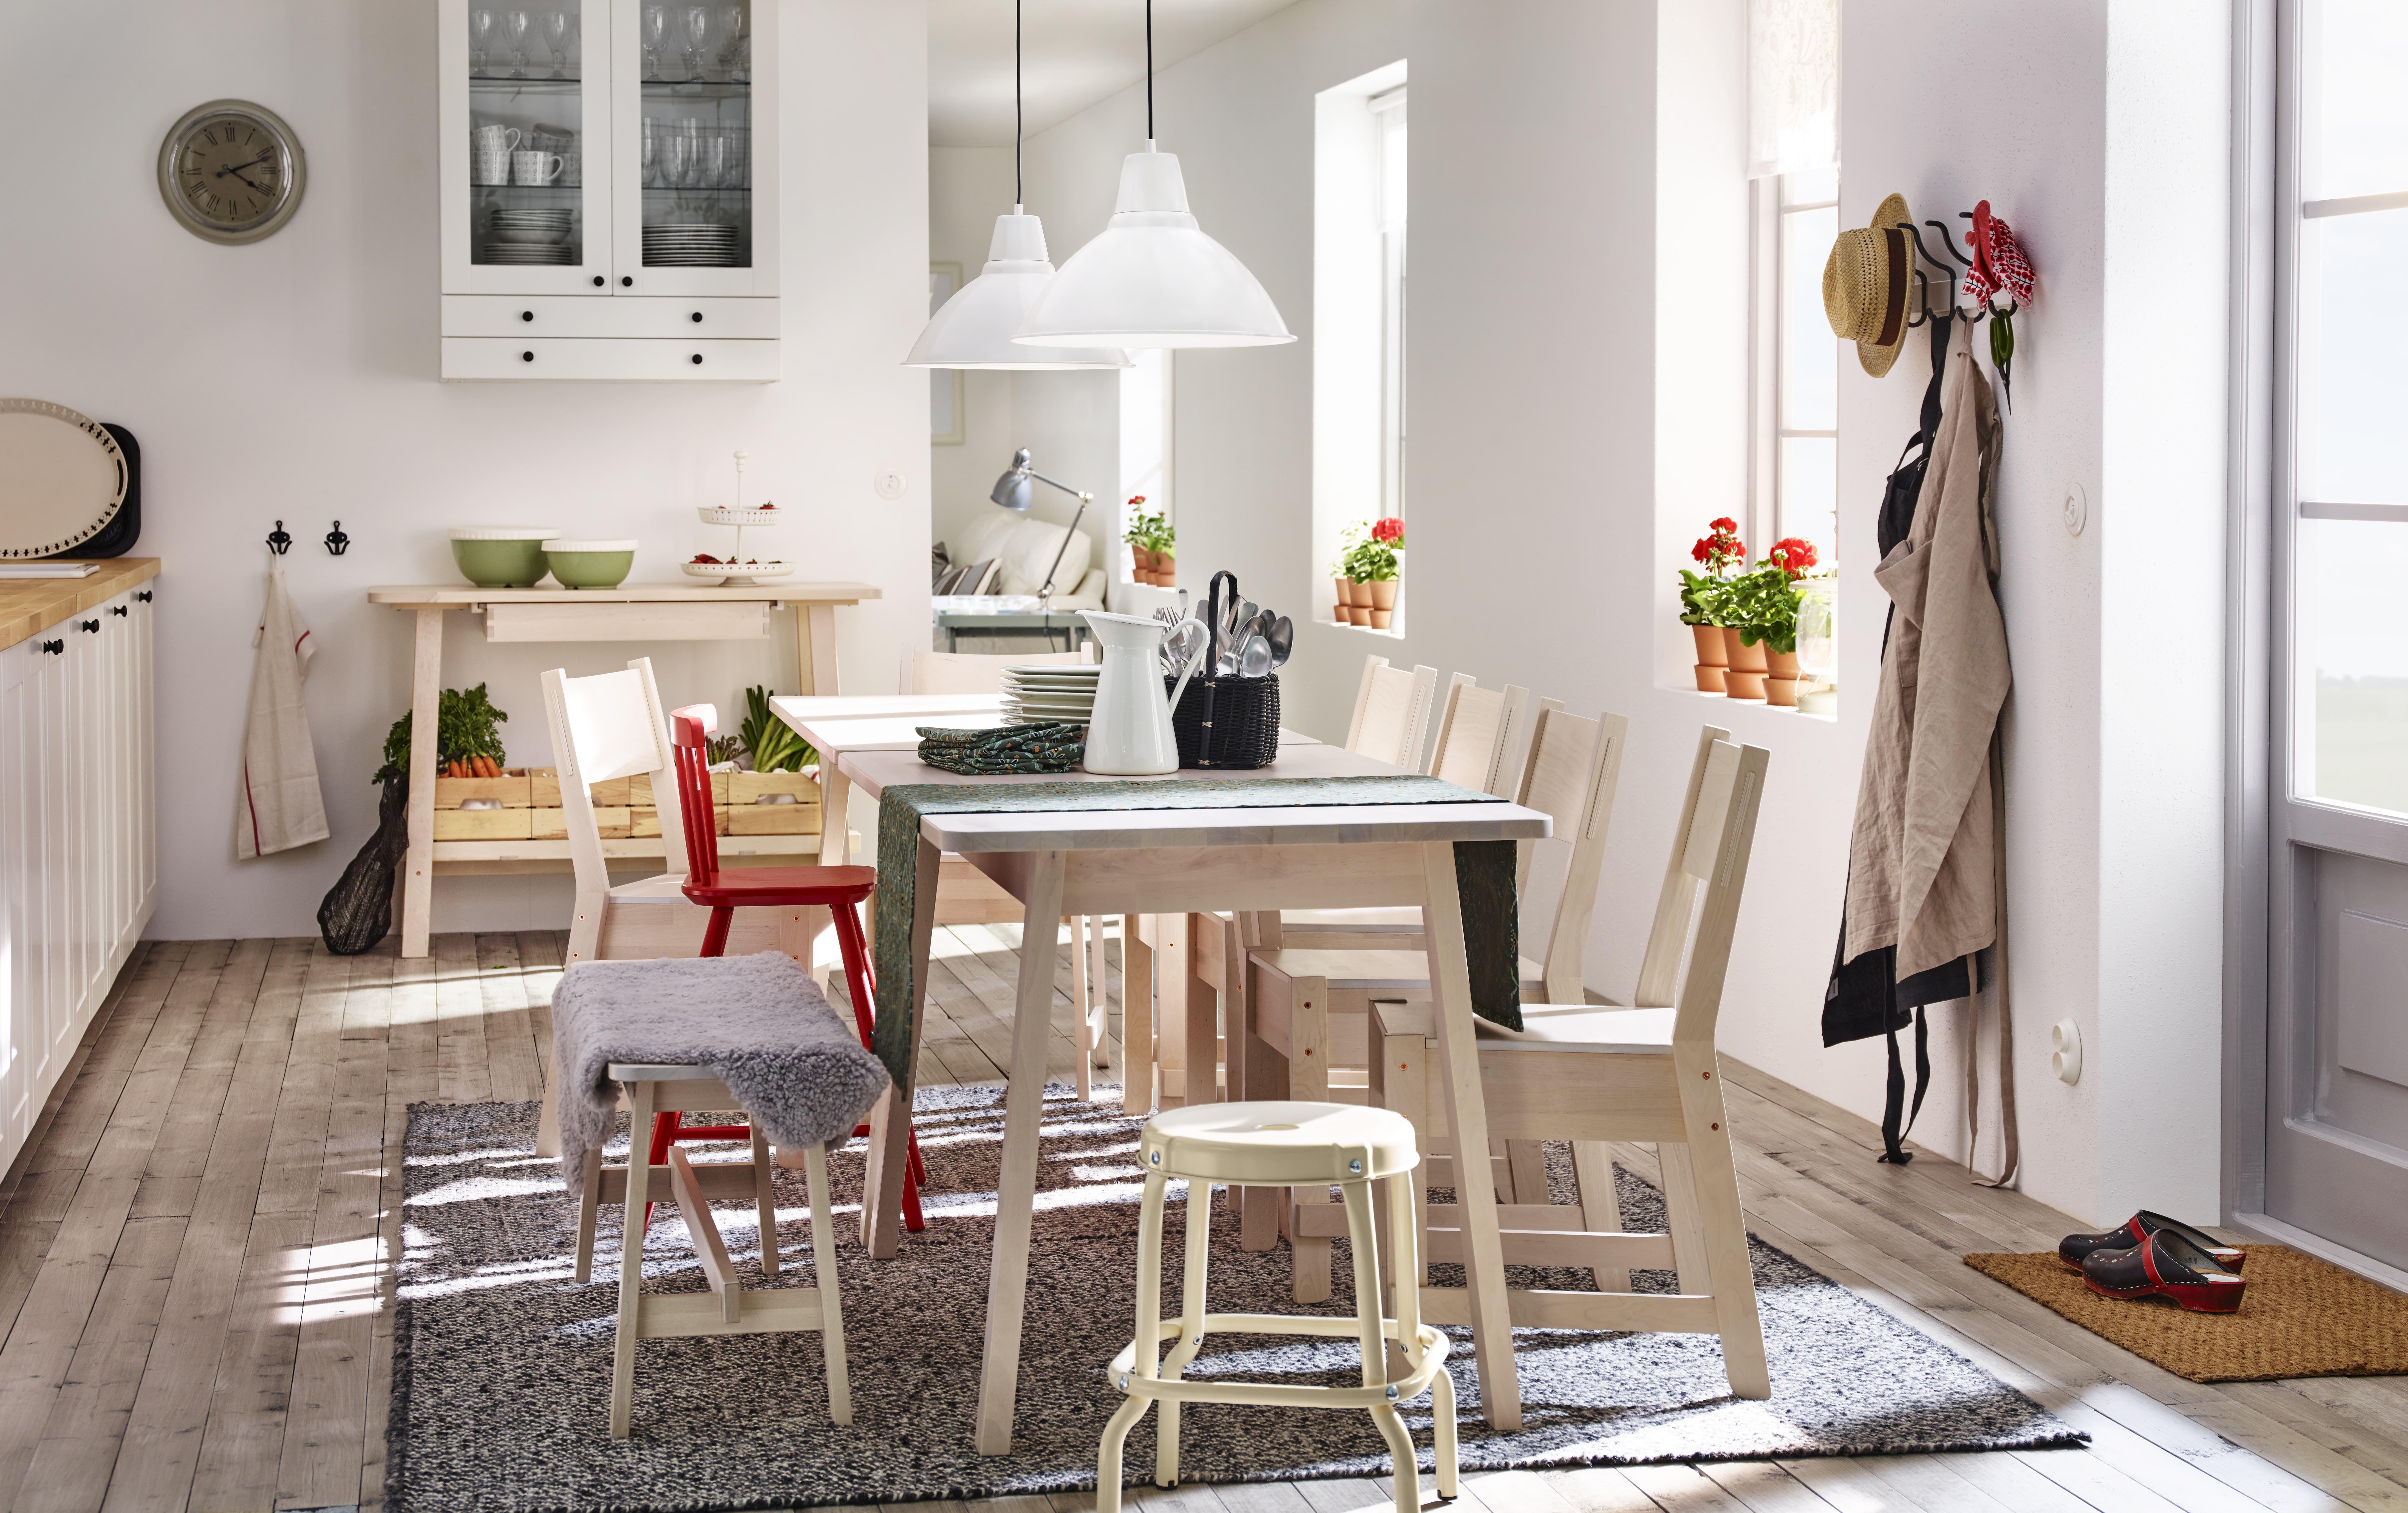 com - Compra tus Muebles y Decoración Online  Comedores blancos